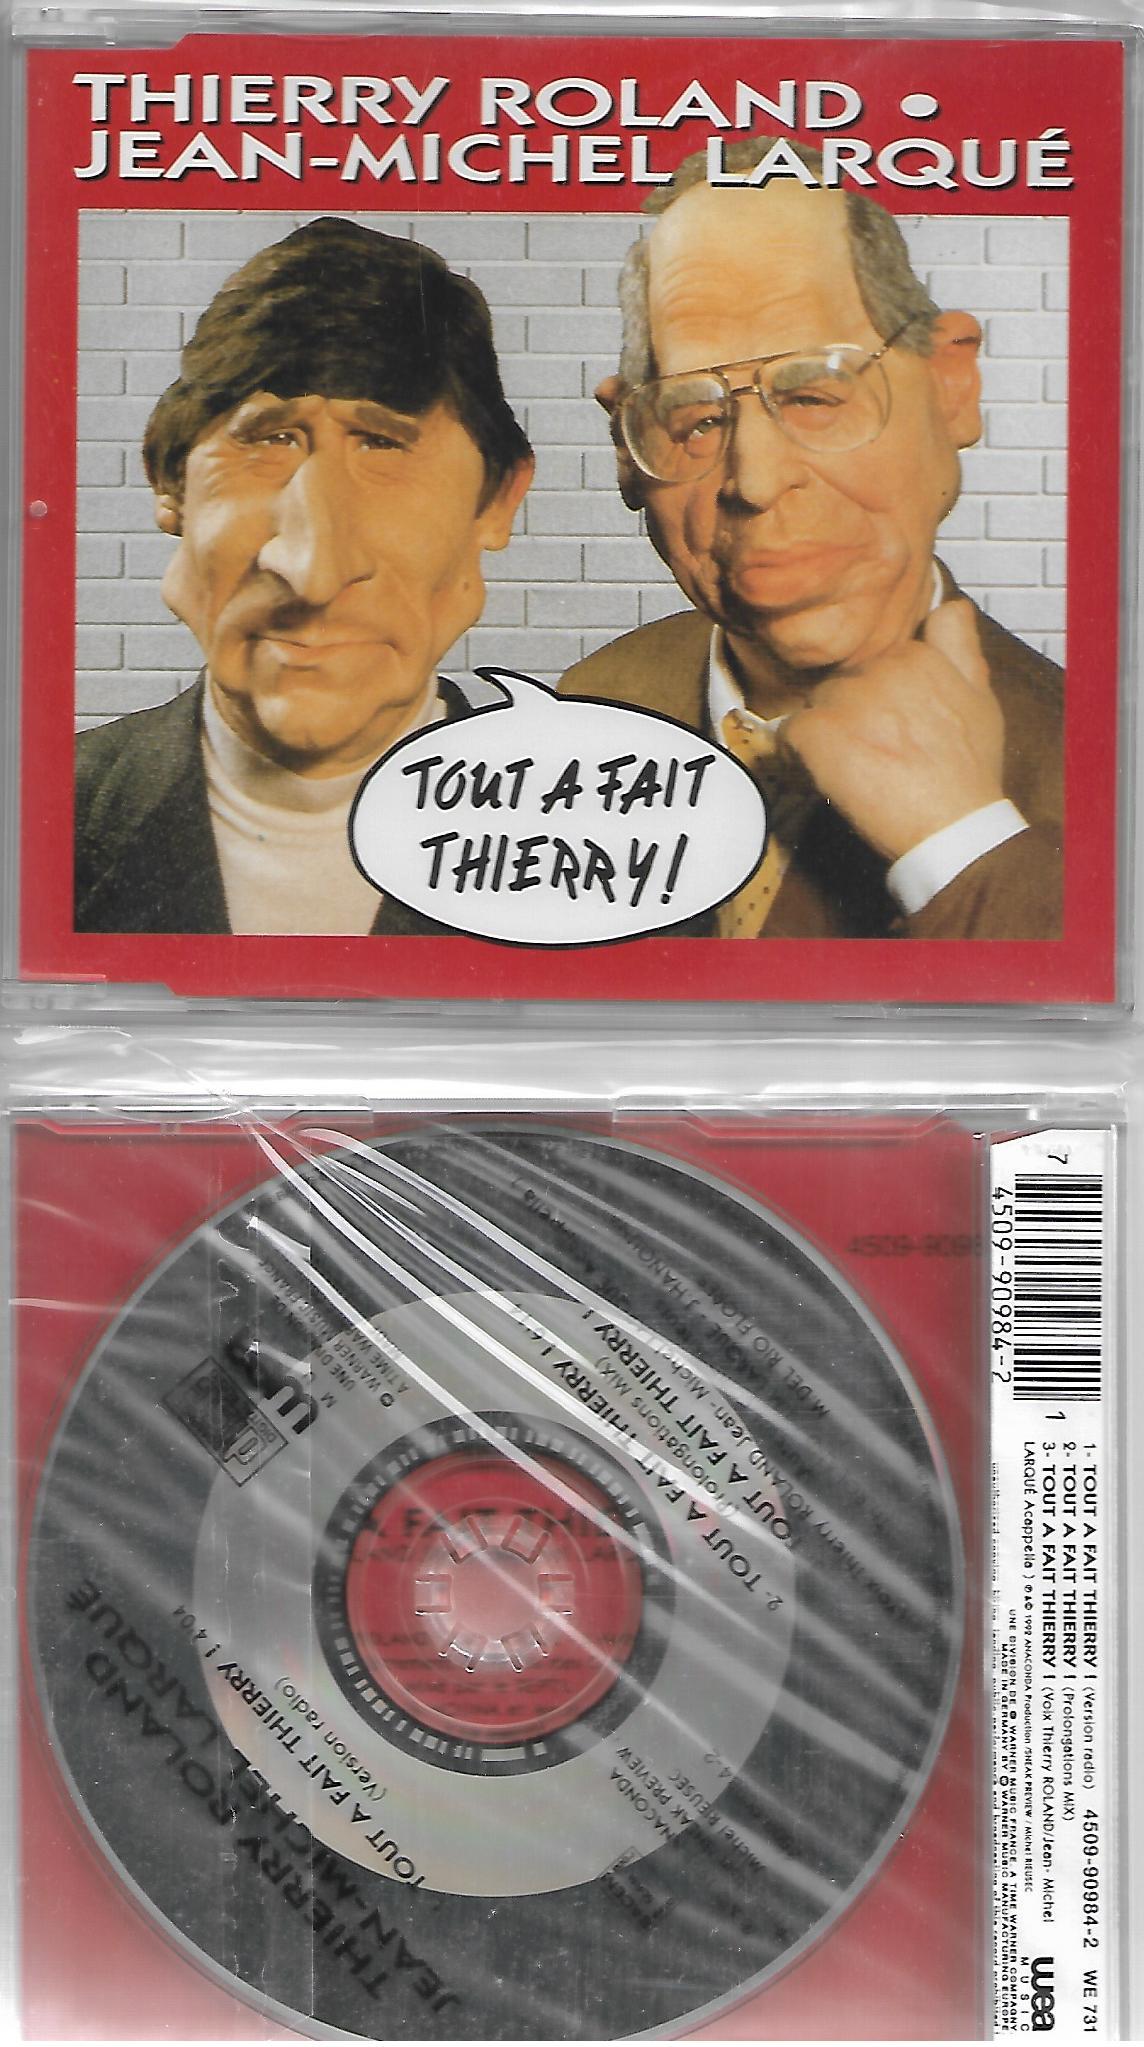 THIERRY ROLAND & JEAN-MICHEL LARQUE - Tout a fait Thierry 3-track jewel case - CD Maxi